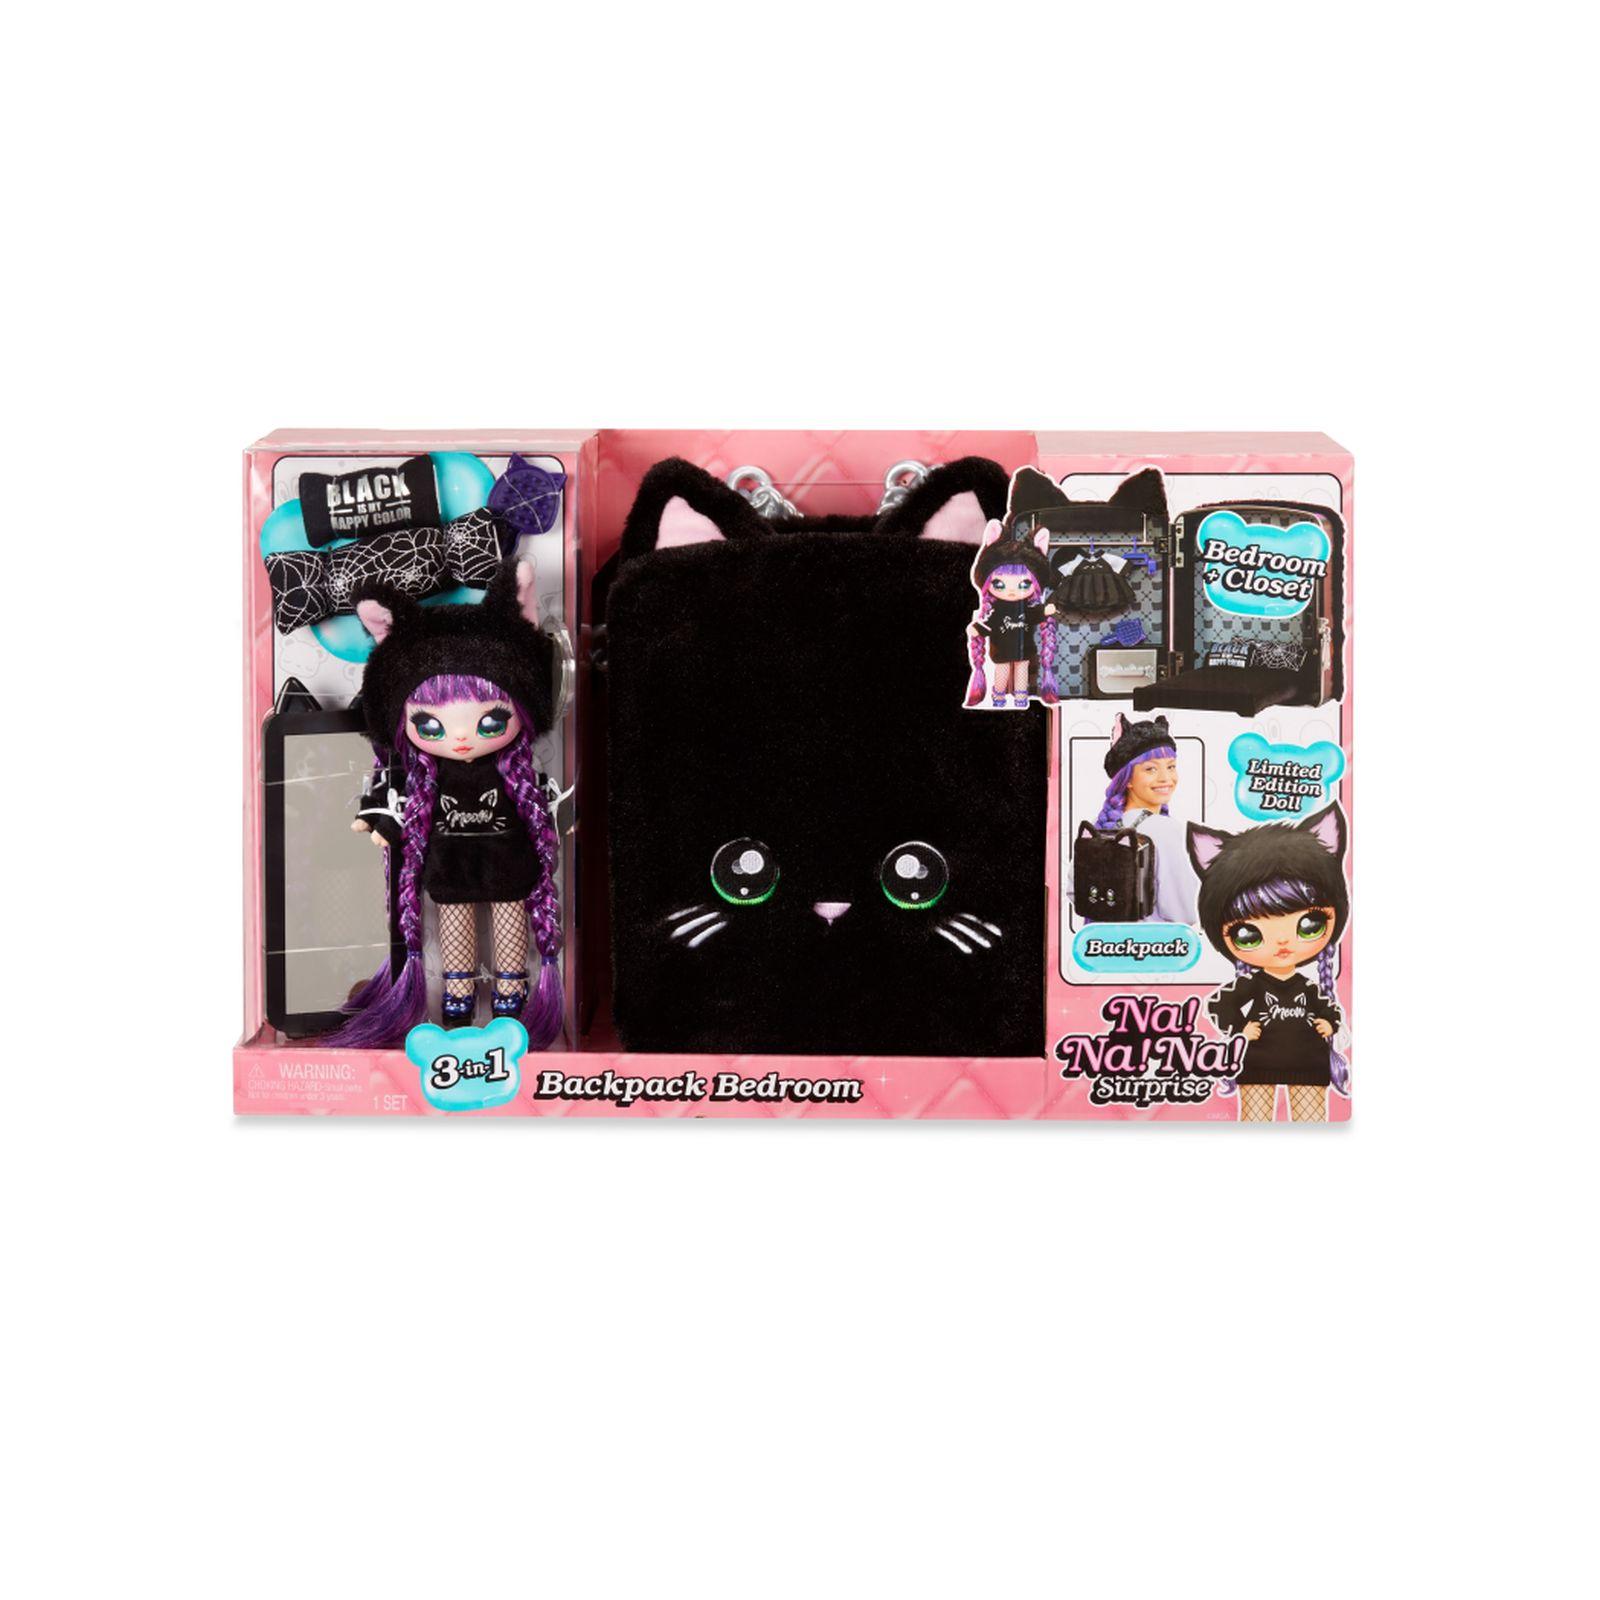 Na! na! na! surprise 3-in-1 backpack bedroom playset - black kitty - NA! NA! NA! SURPRISE, NANANA